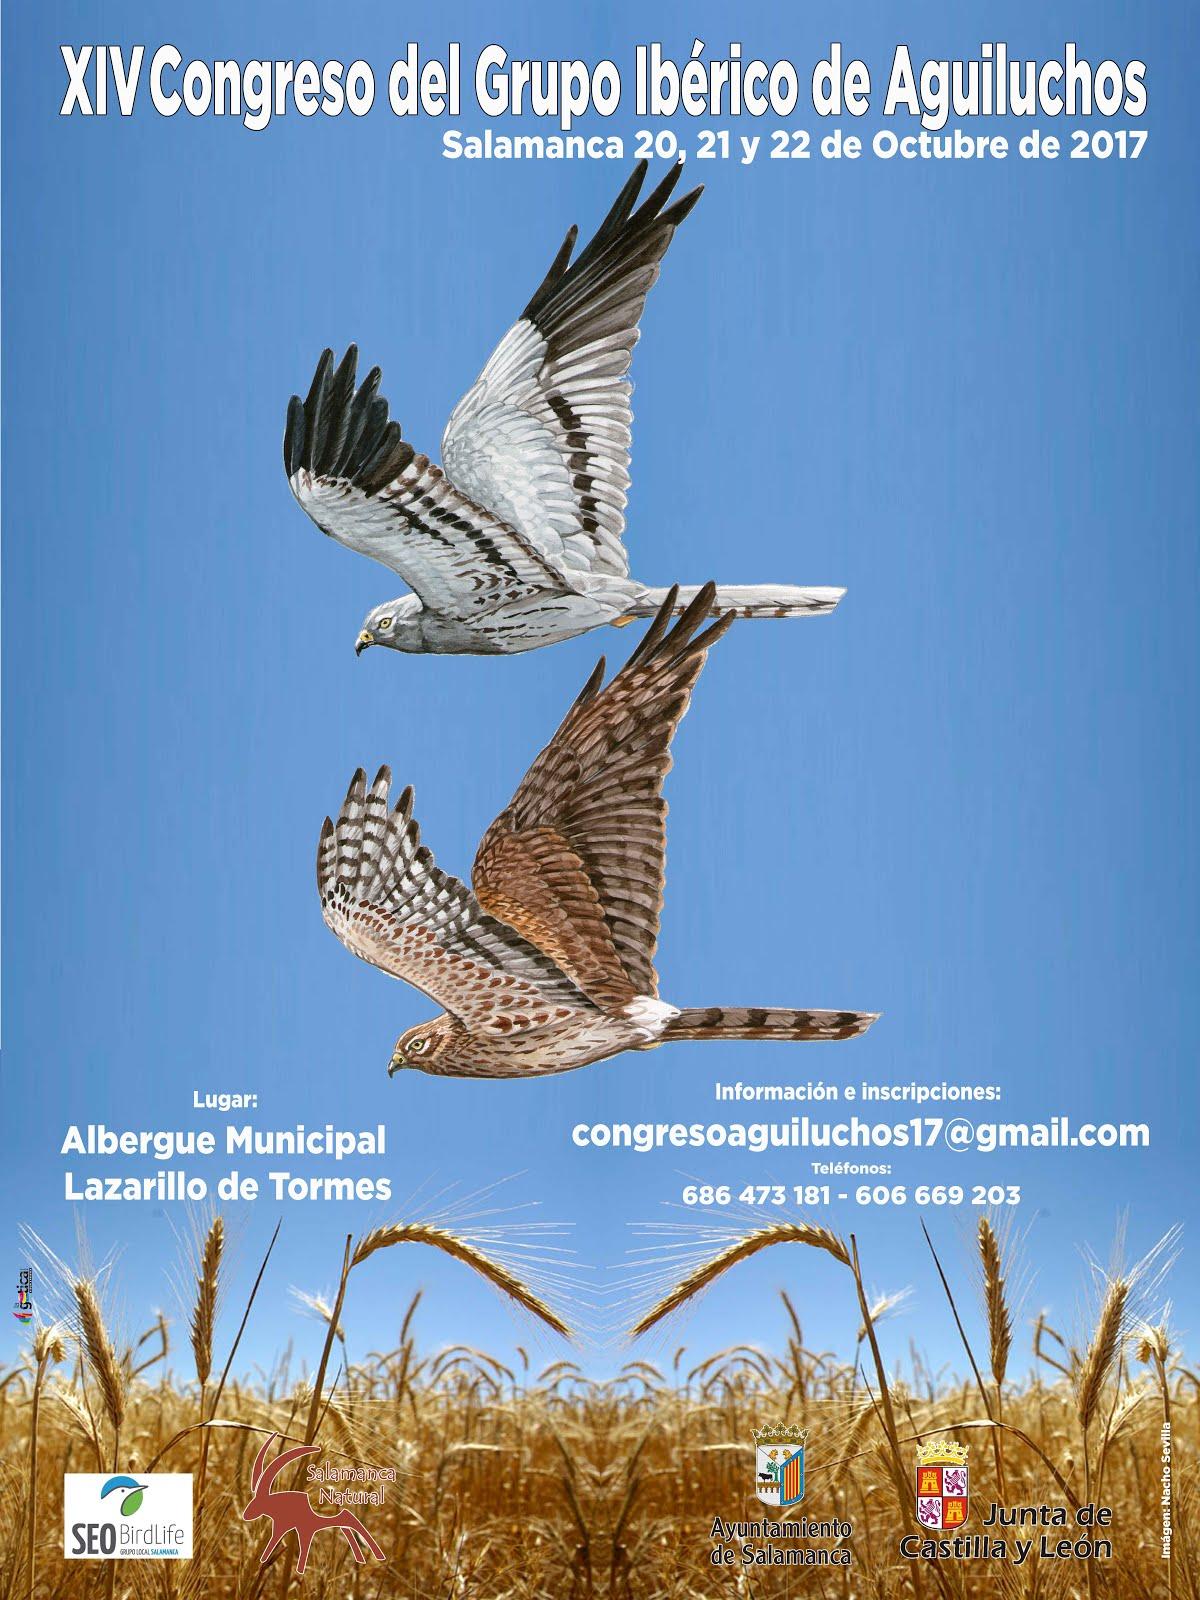 XIV Congreso del Grupo Ibérico de Aguiluchos